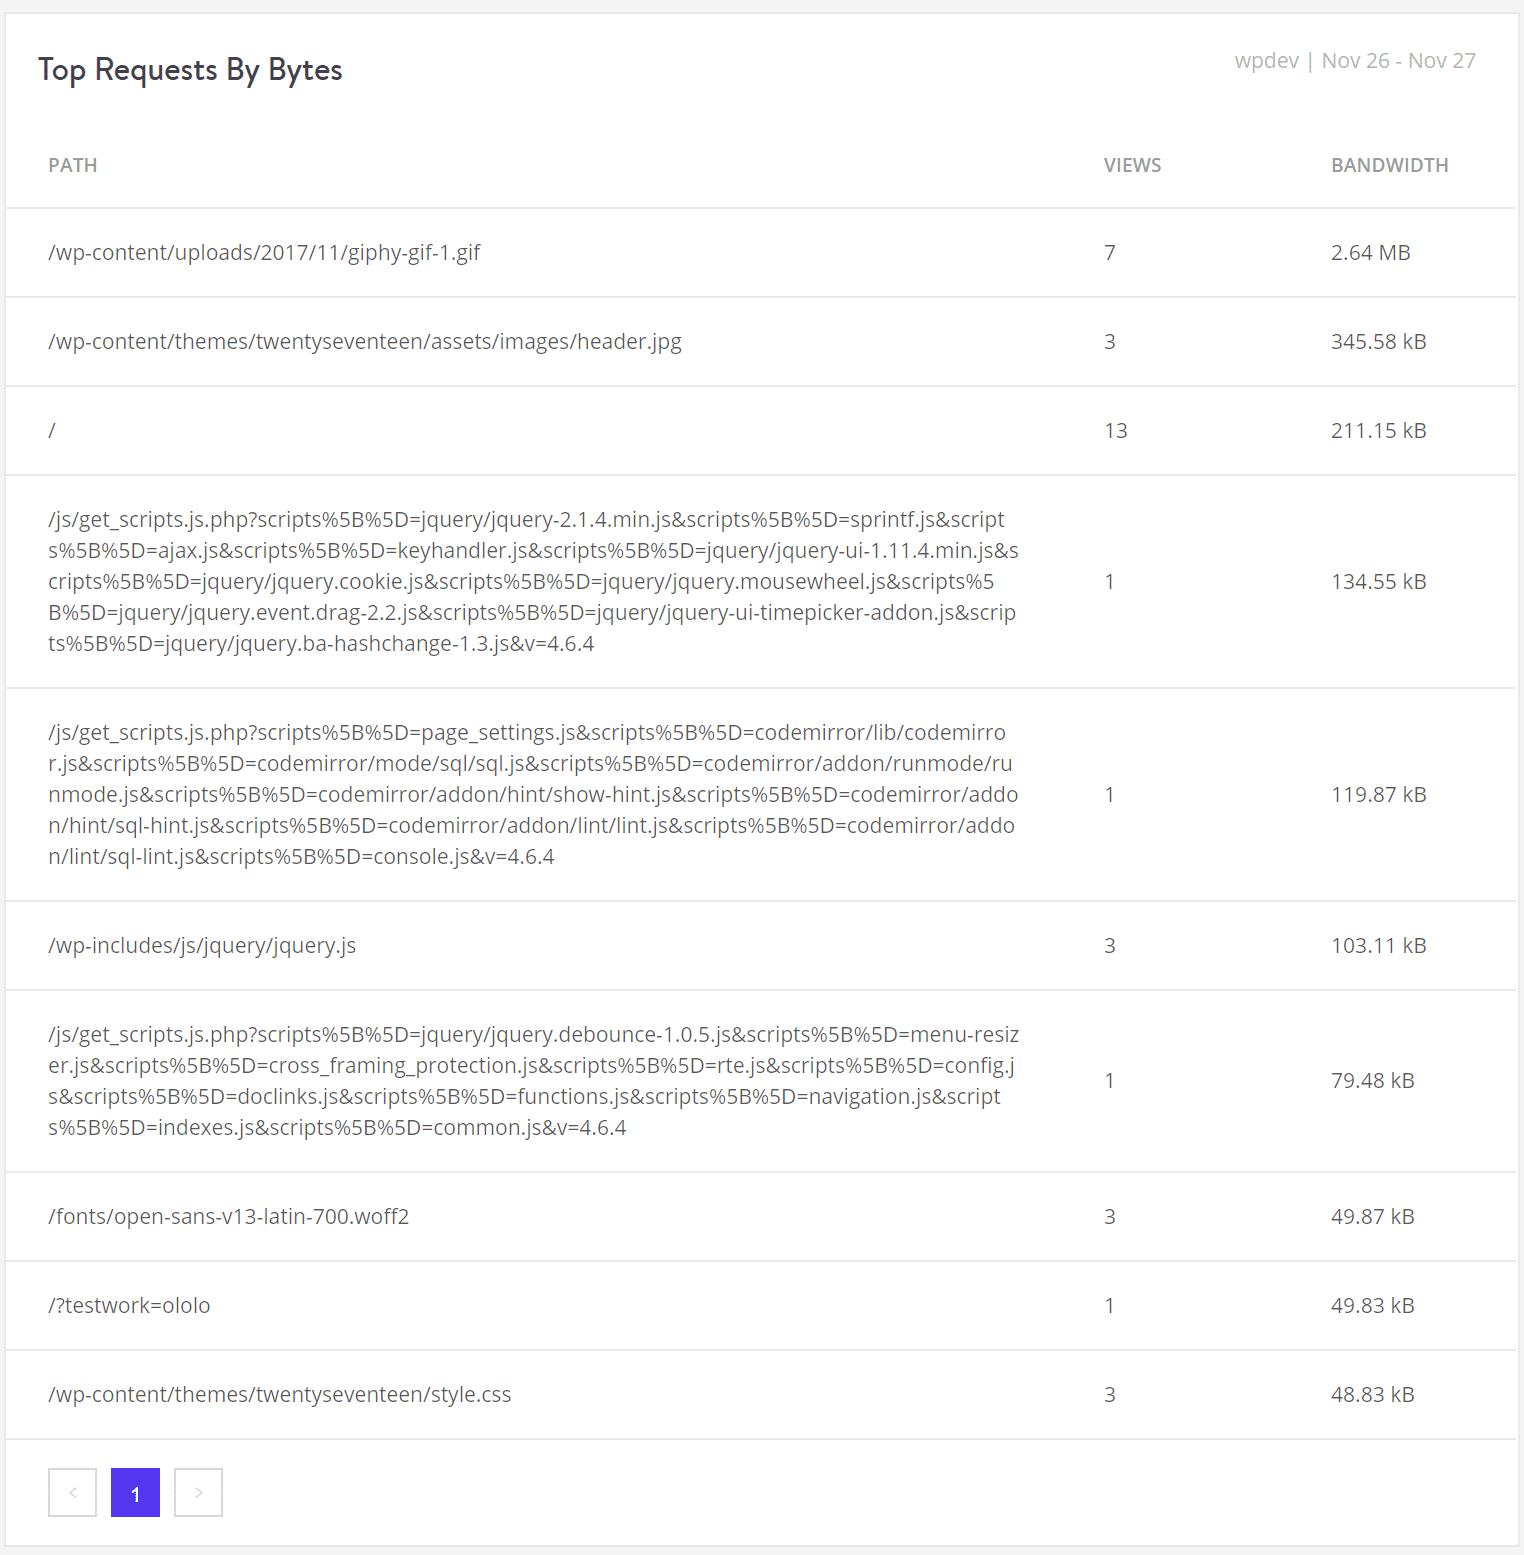 Ressourcen - Top-Anfragen nach Bytes